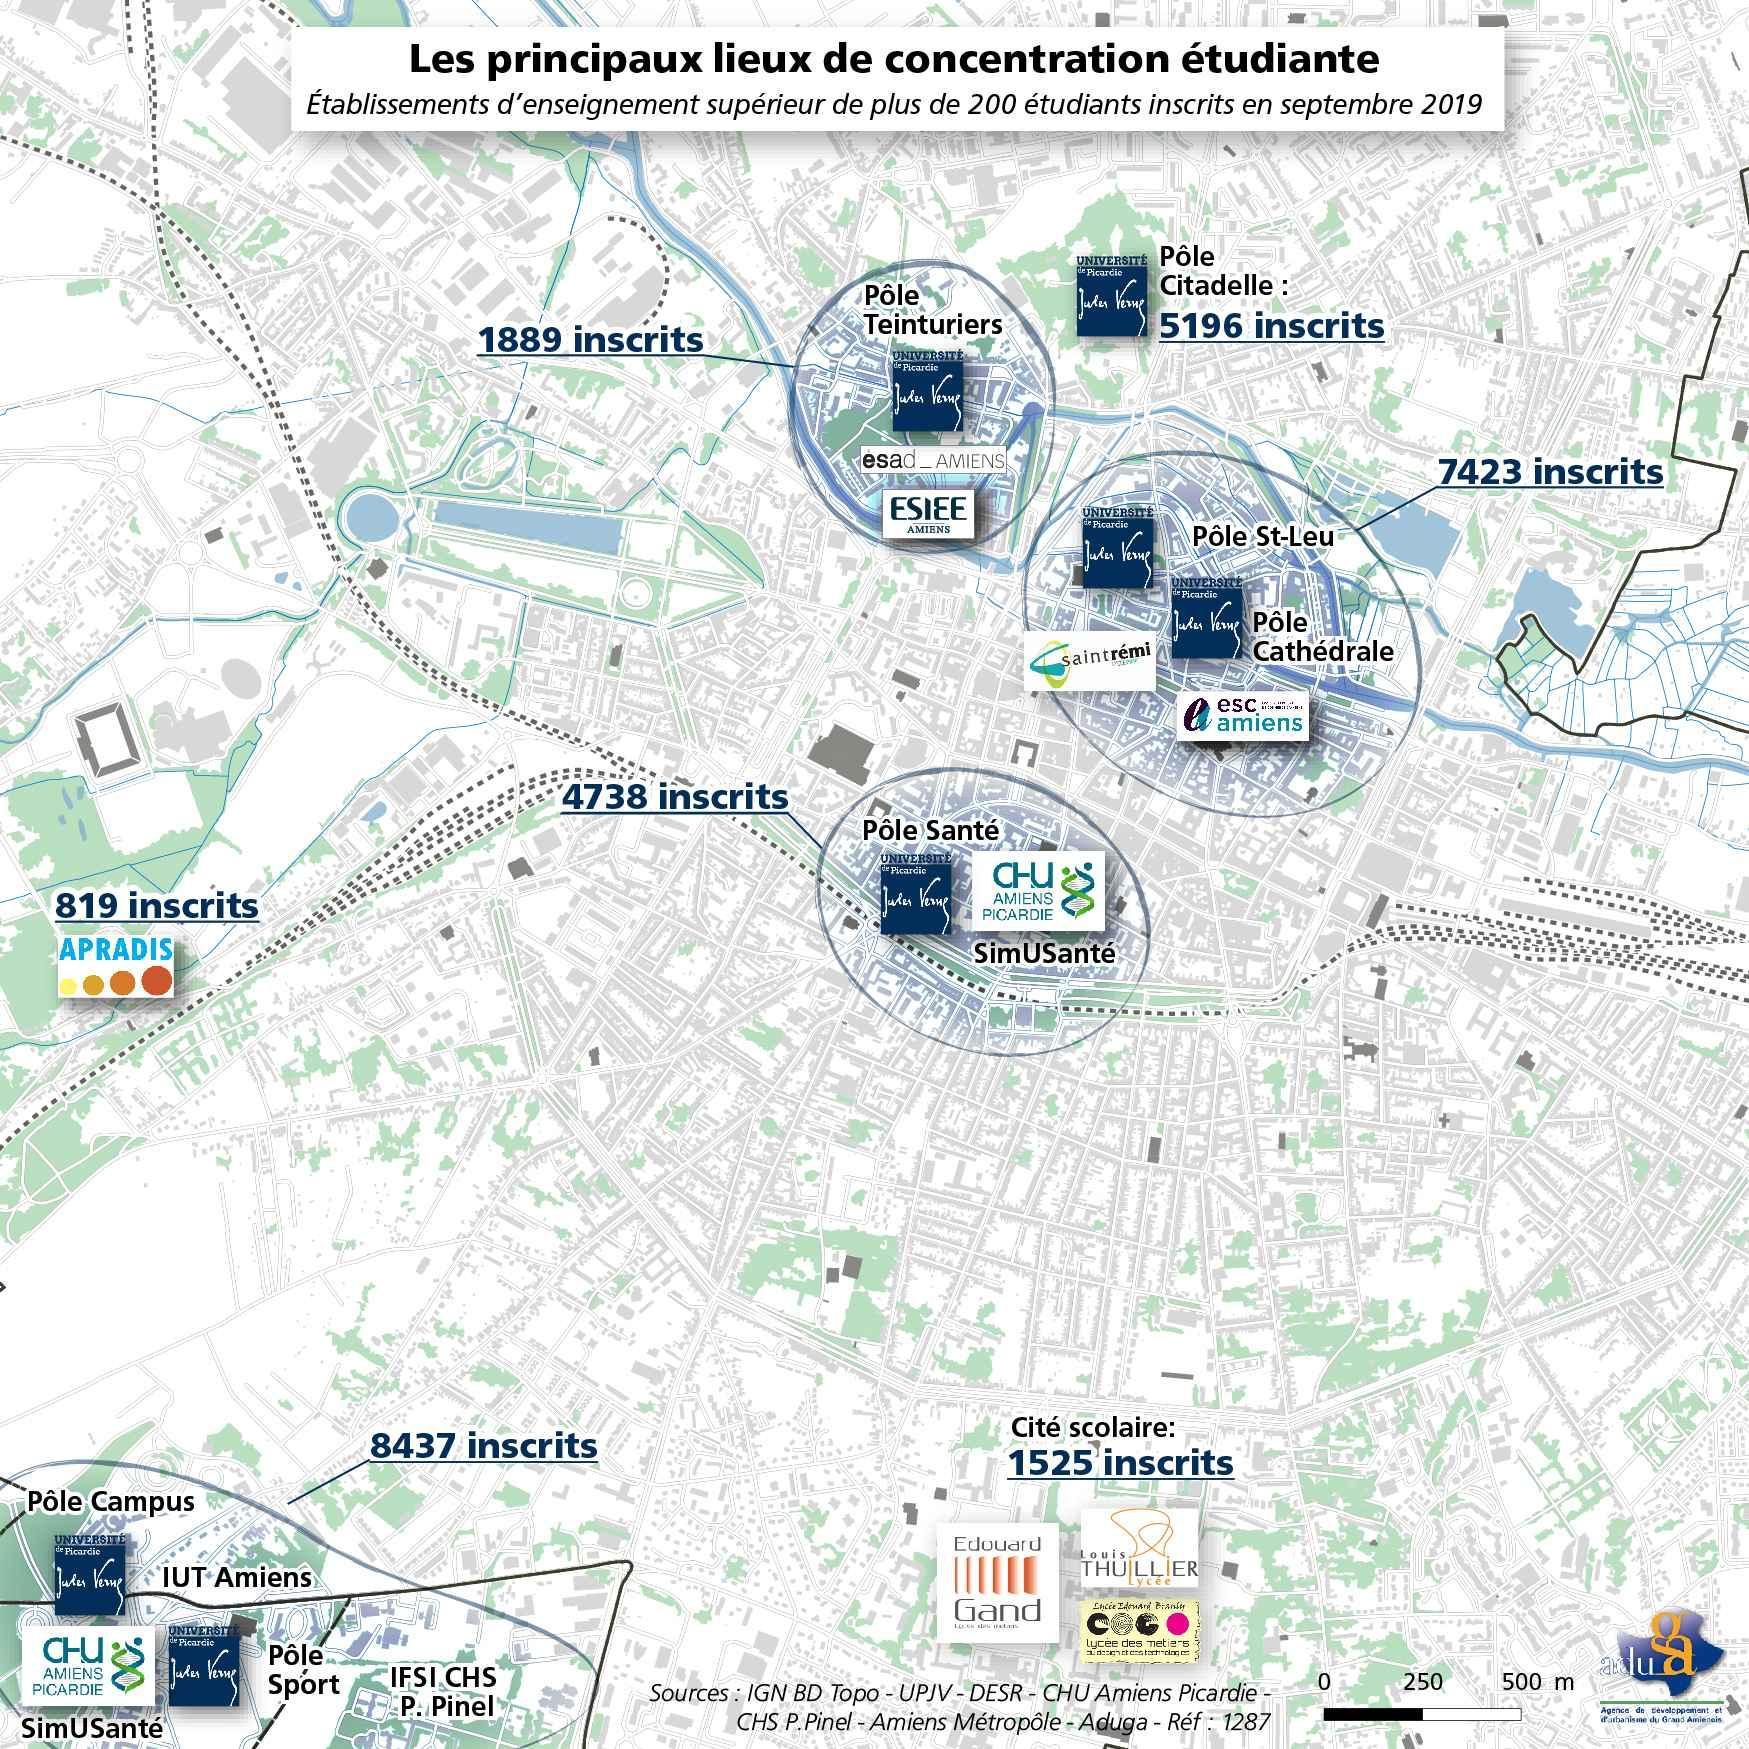 La carte du mois: Les principaux lieux de concentration étudiante d'Amiens